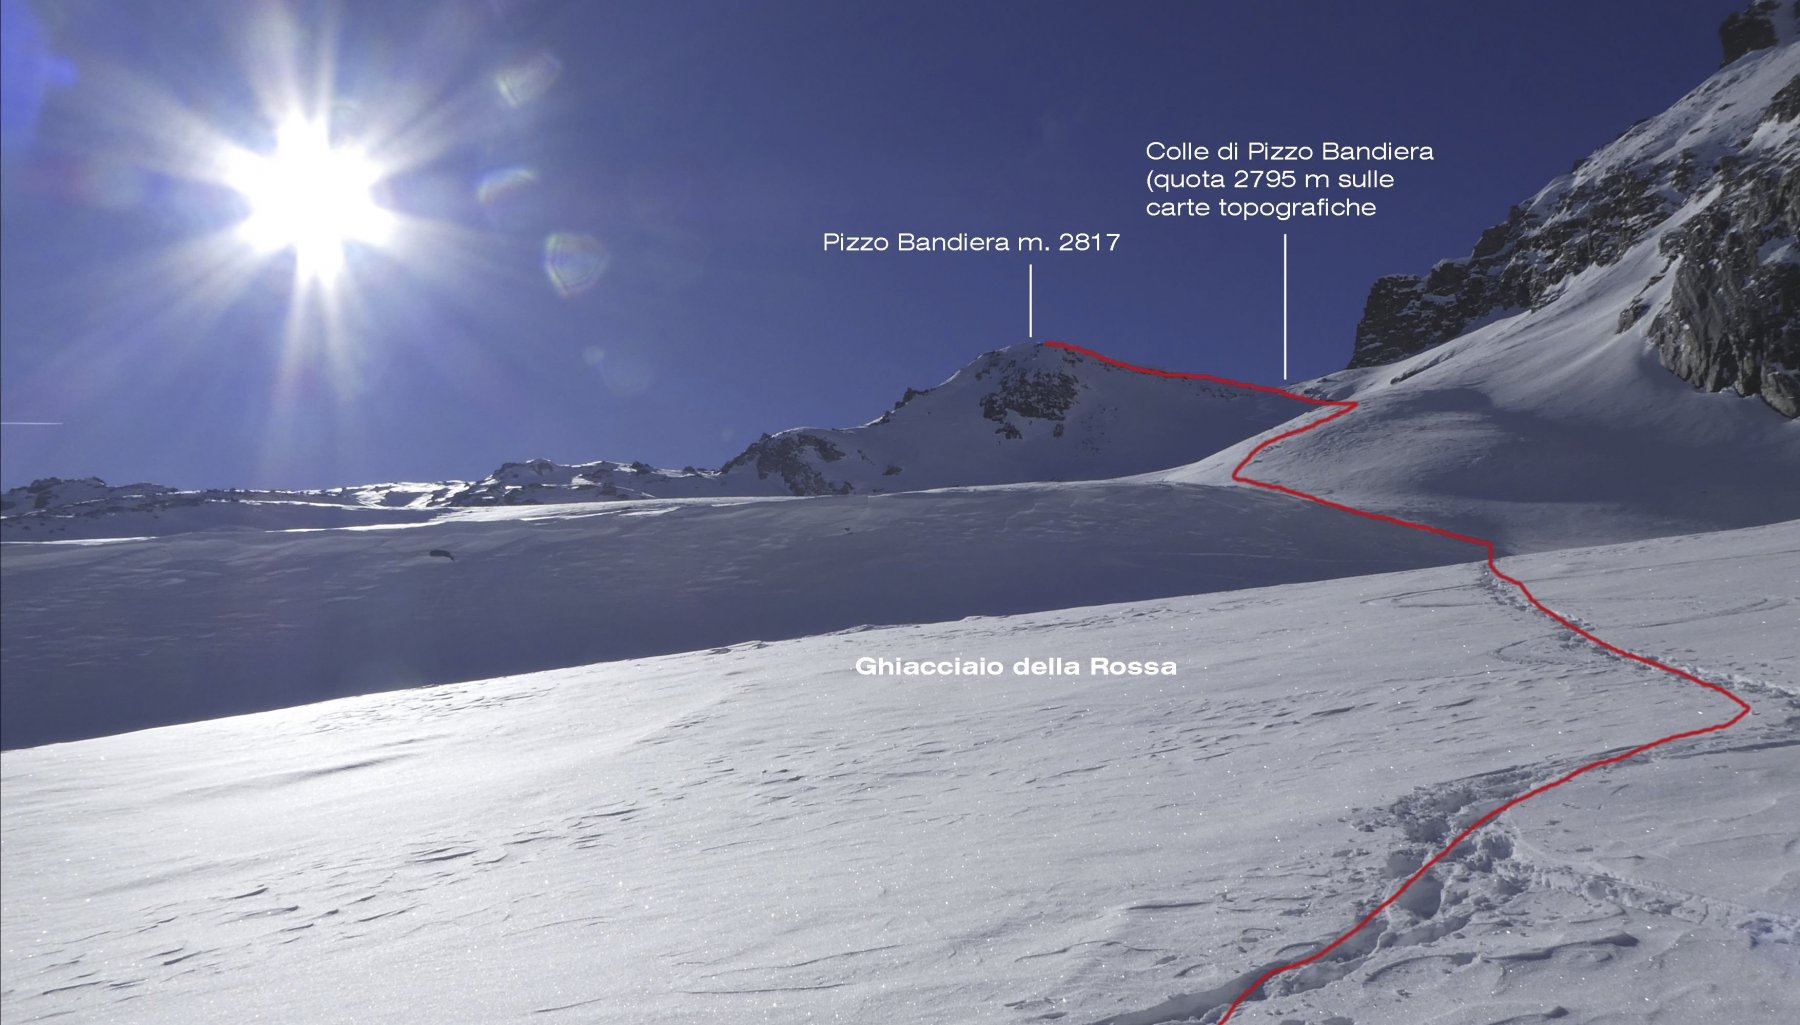 la parte alta dell'itinerario di salita per raggiungere la cima